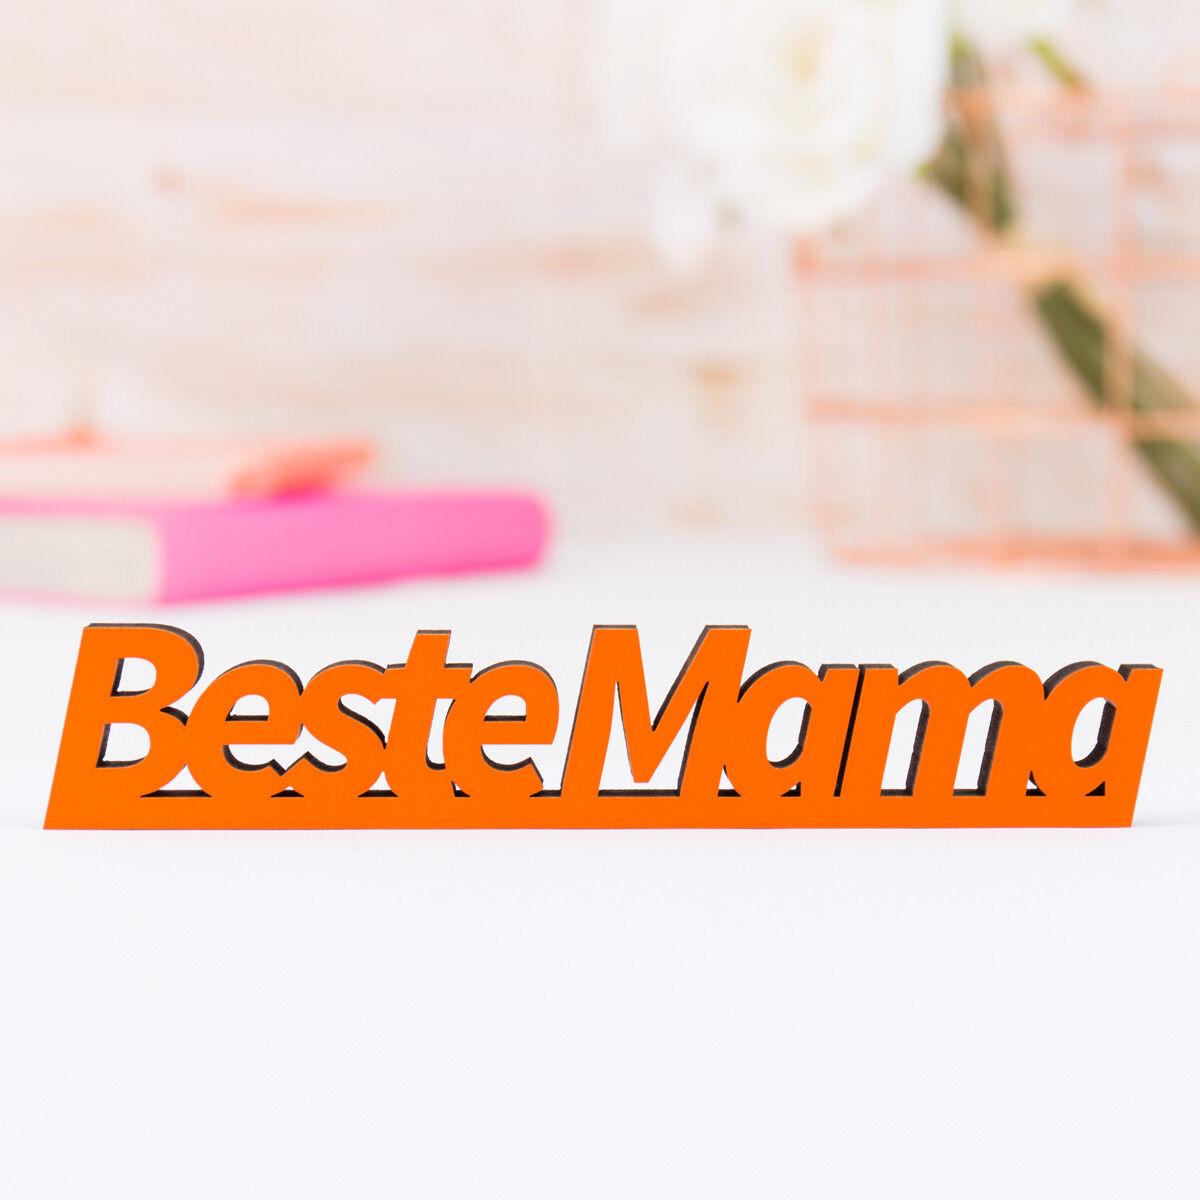 Secondo piccoli 3d-la scritta  MIGLIOR MAMMA MAMMA MAMMA  32 Coloreeei & 5 dimensioni idea regalo festa della mamma 568be9